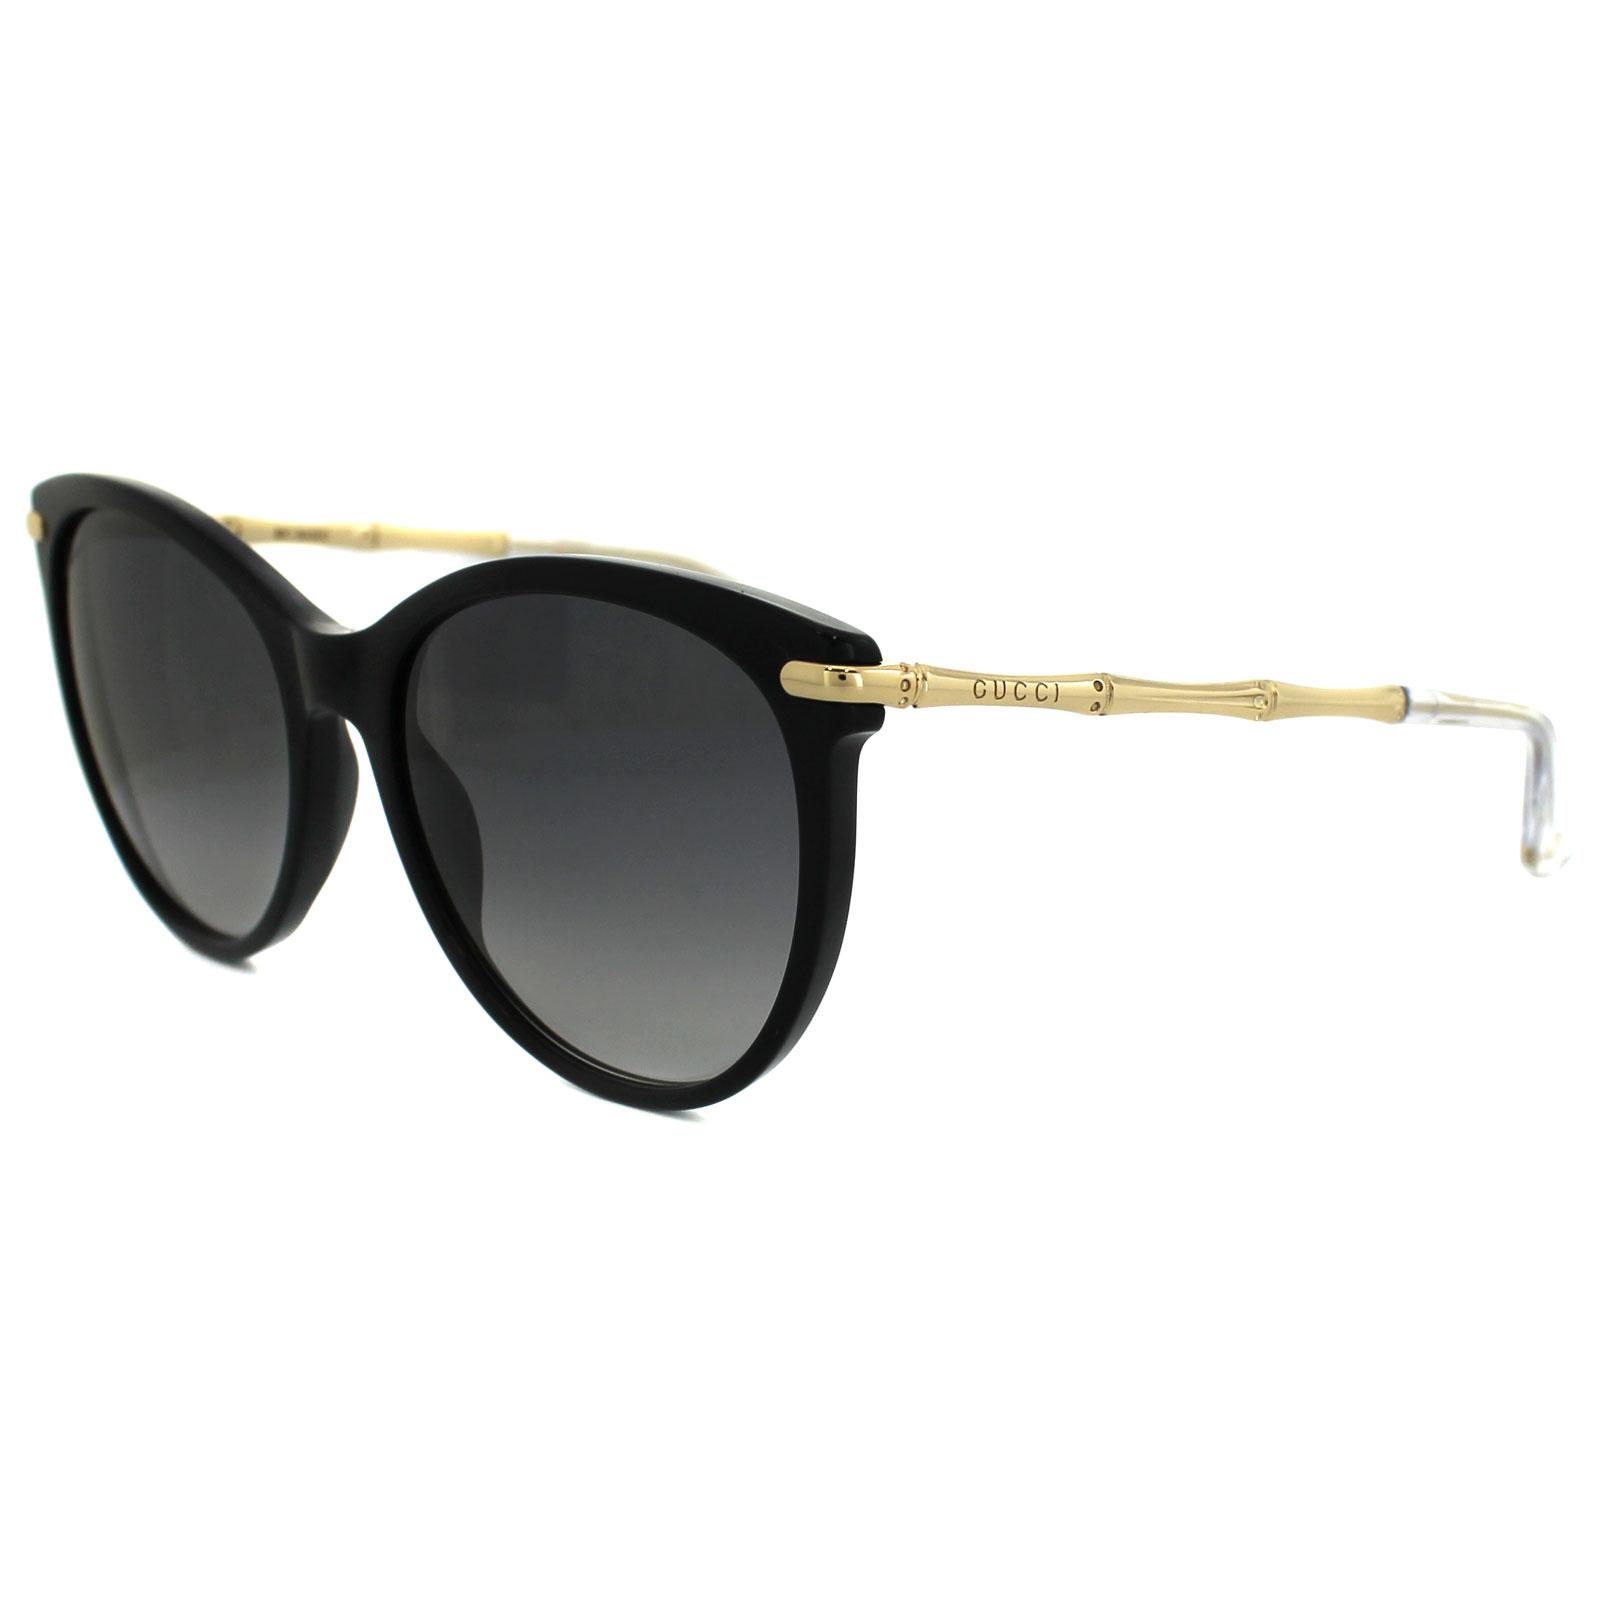 b2da66c77c Gucci Butterfly Sunglasses Uk « One More Soul